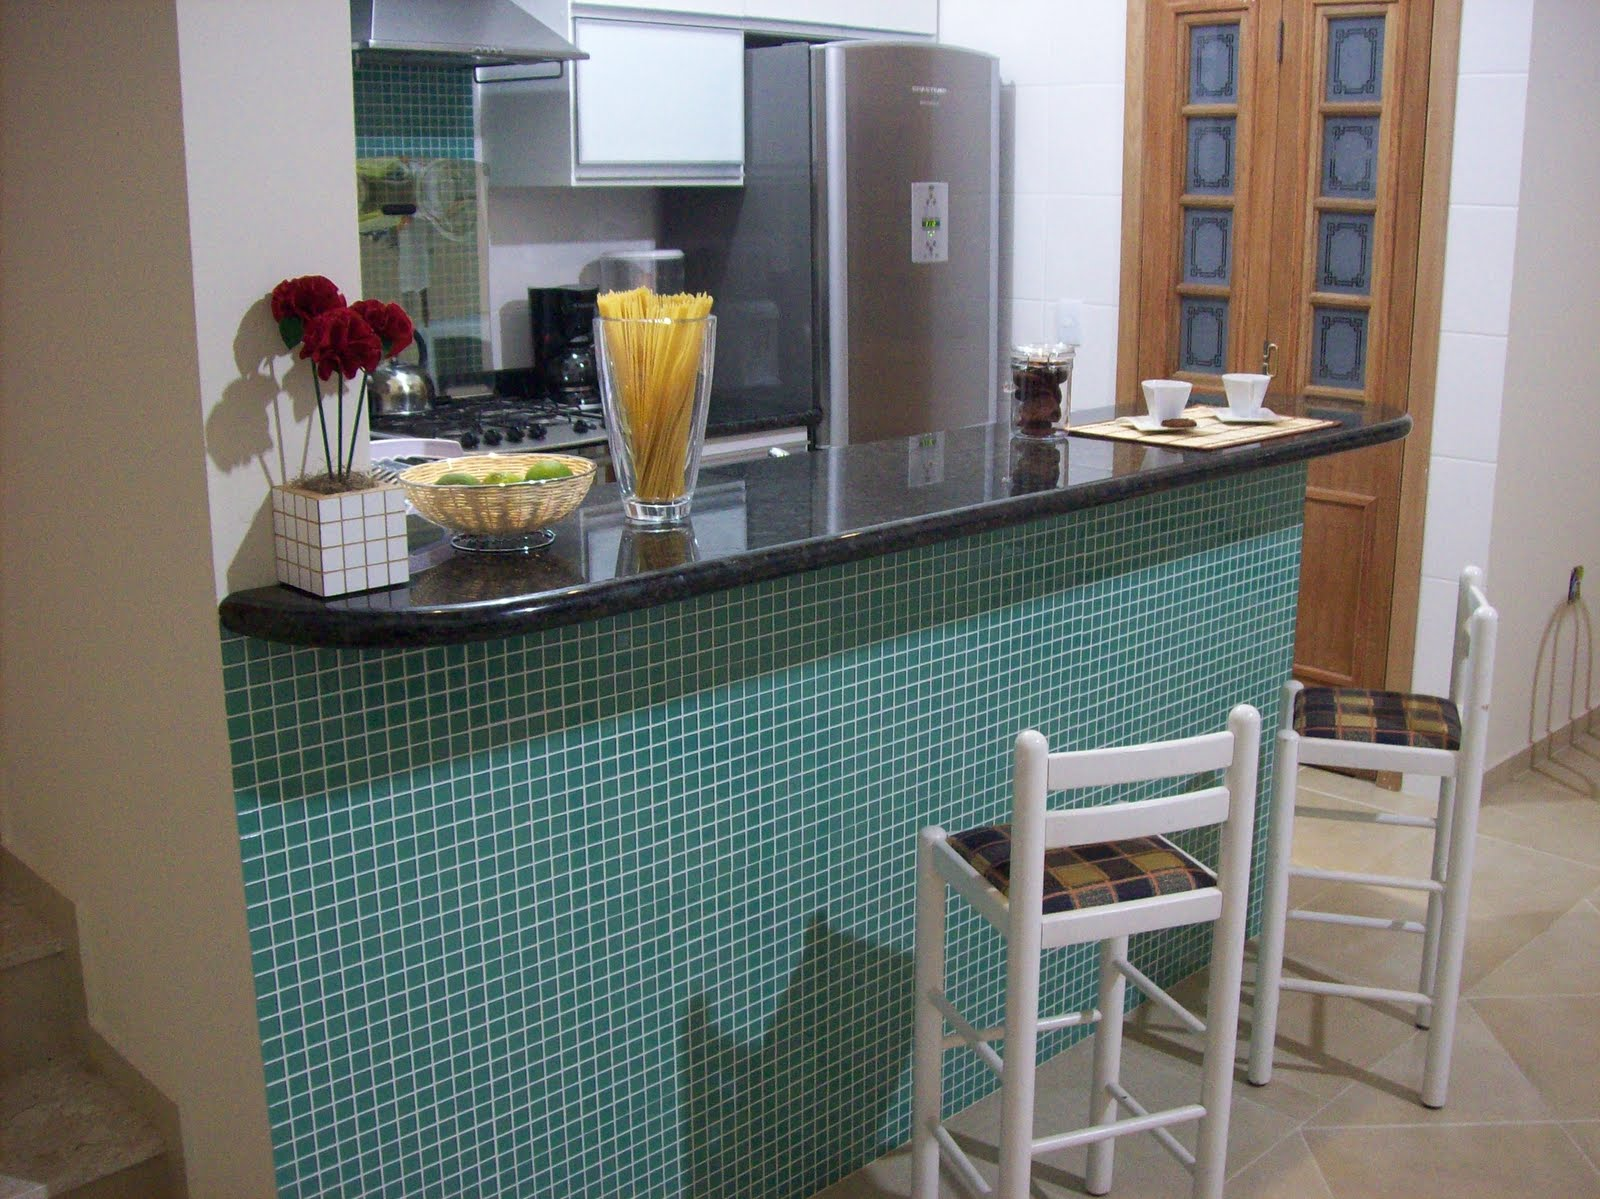 Balcão de cozinha de mármore – Fotos Decorando Casas #664838 1600 1199